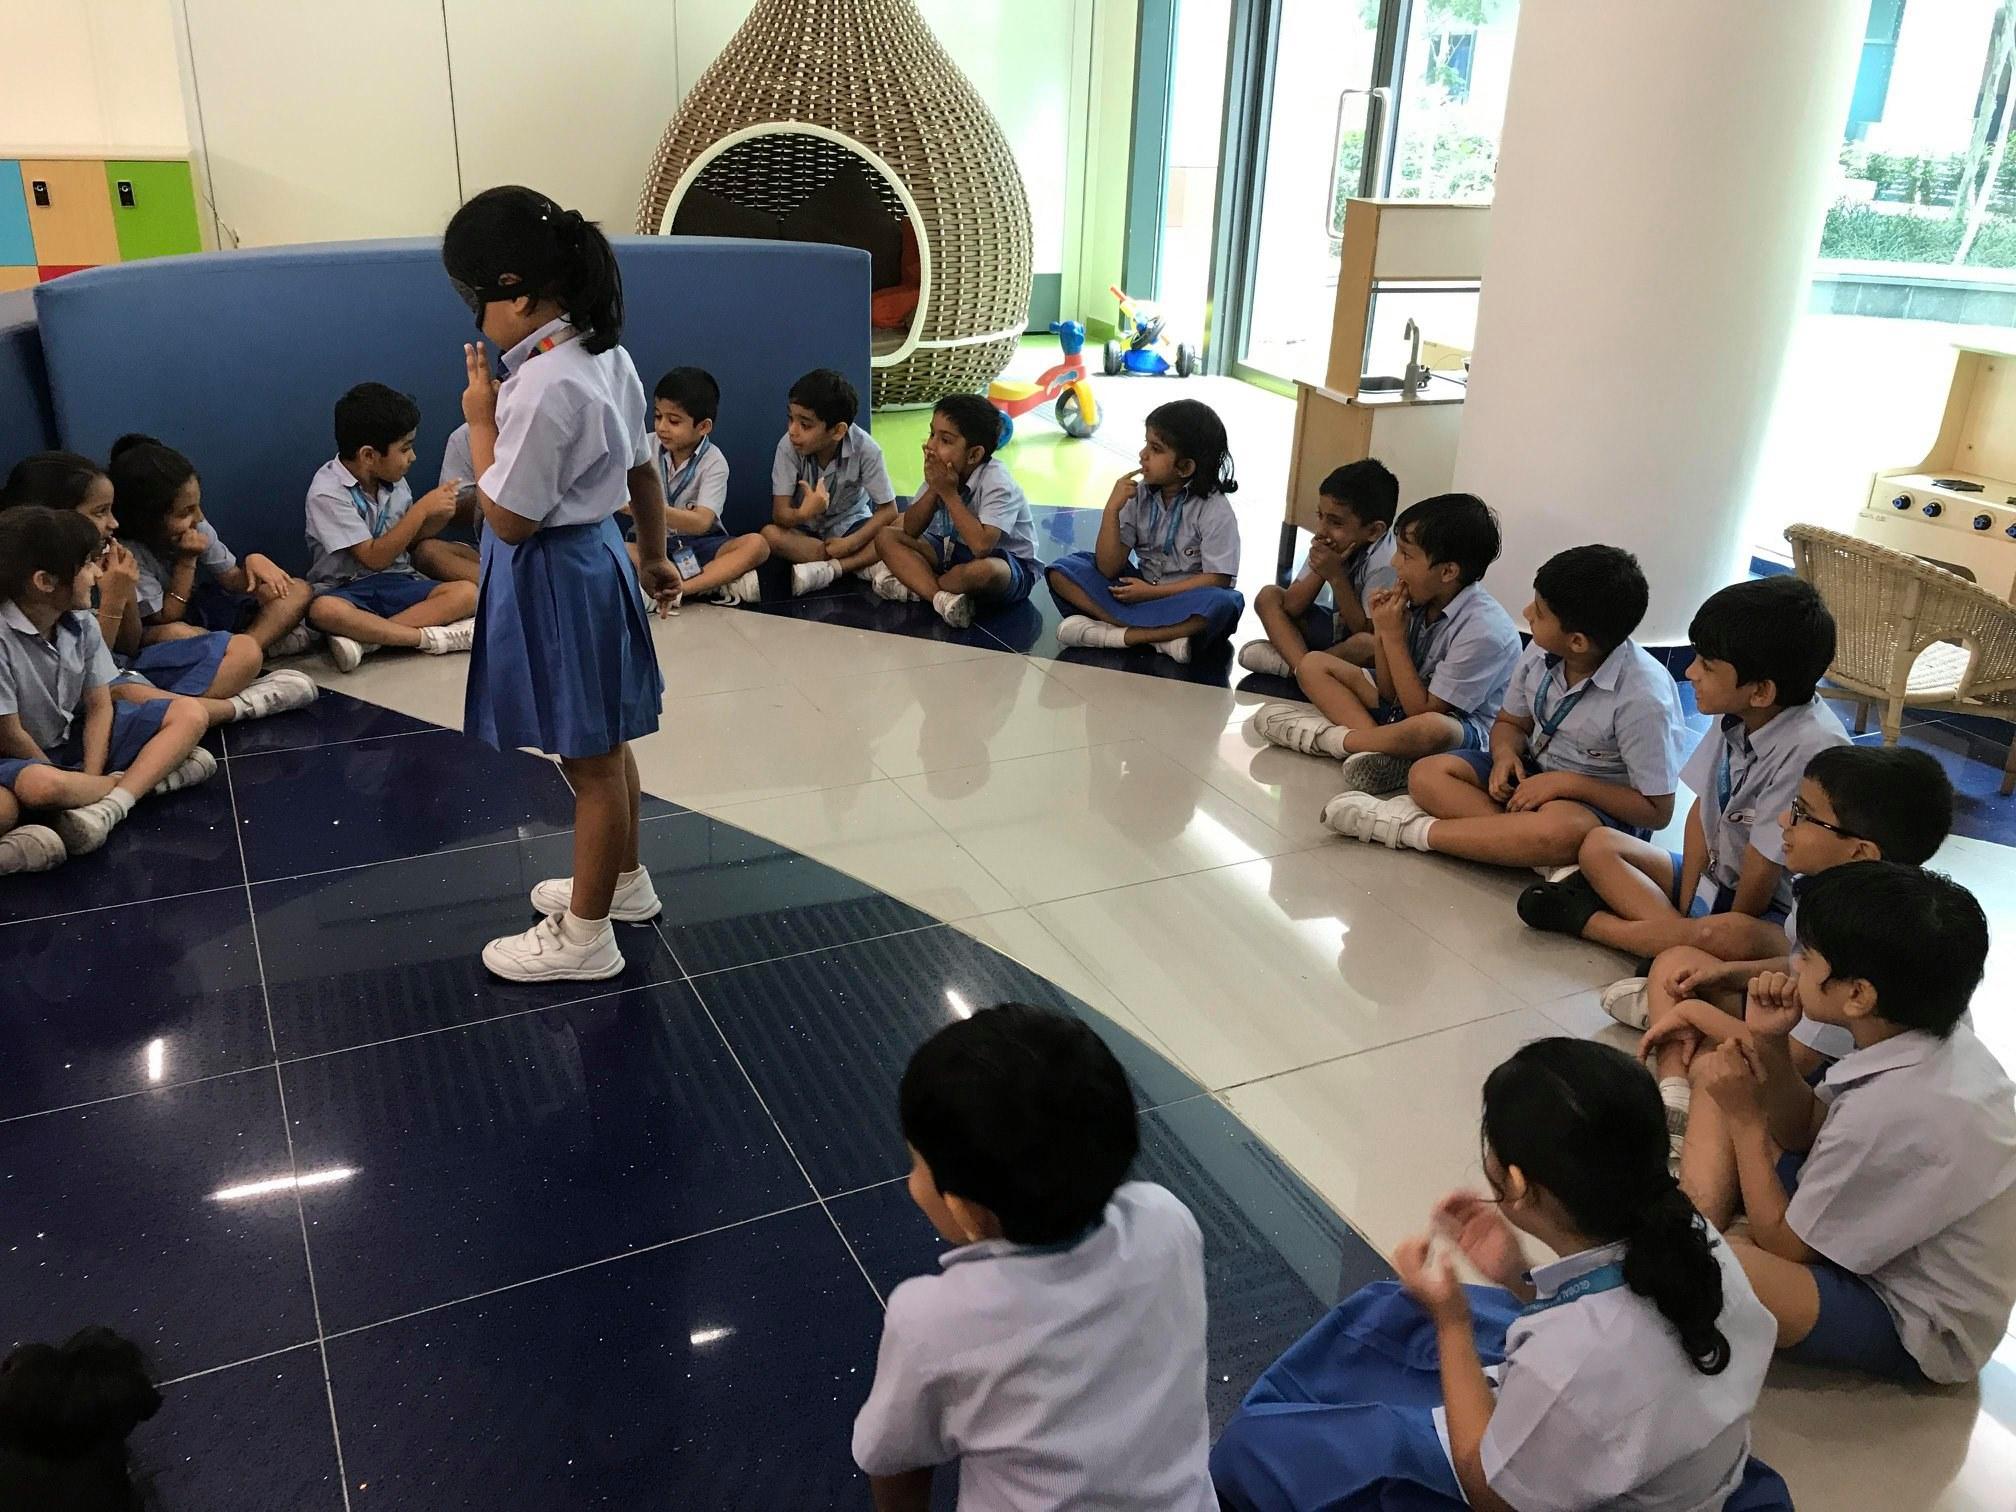 giis primary school